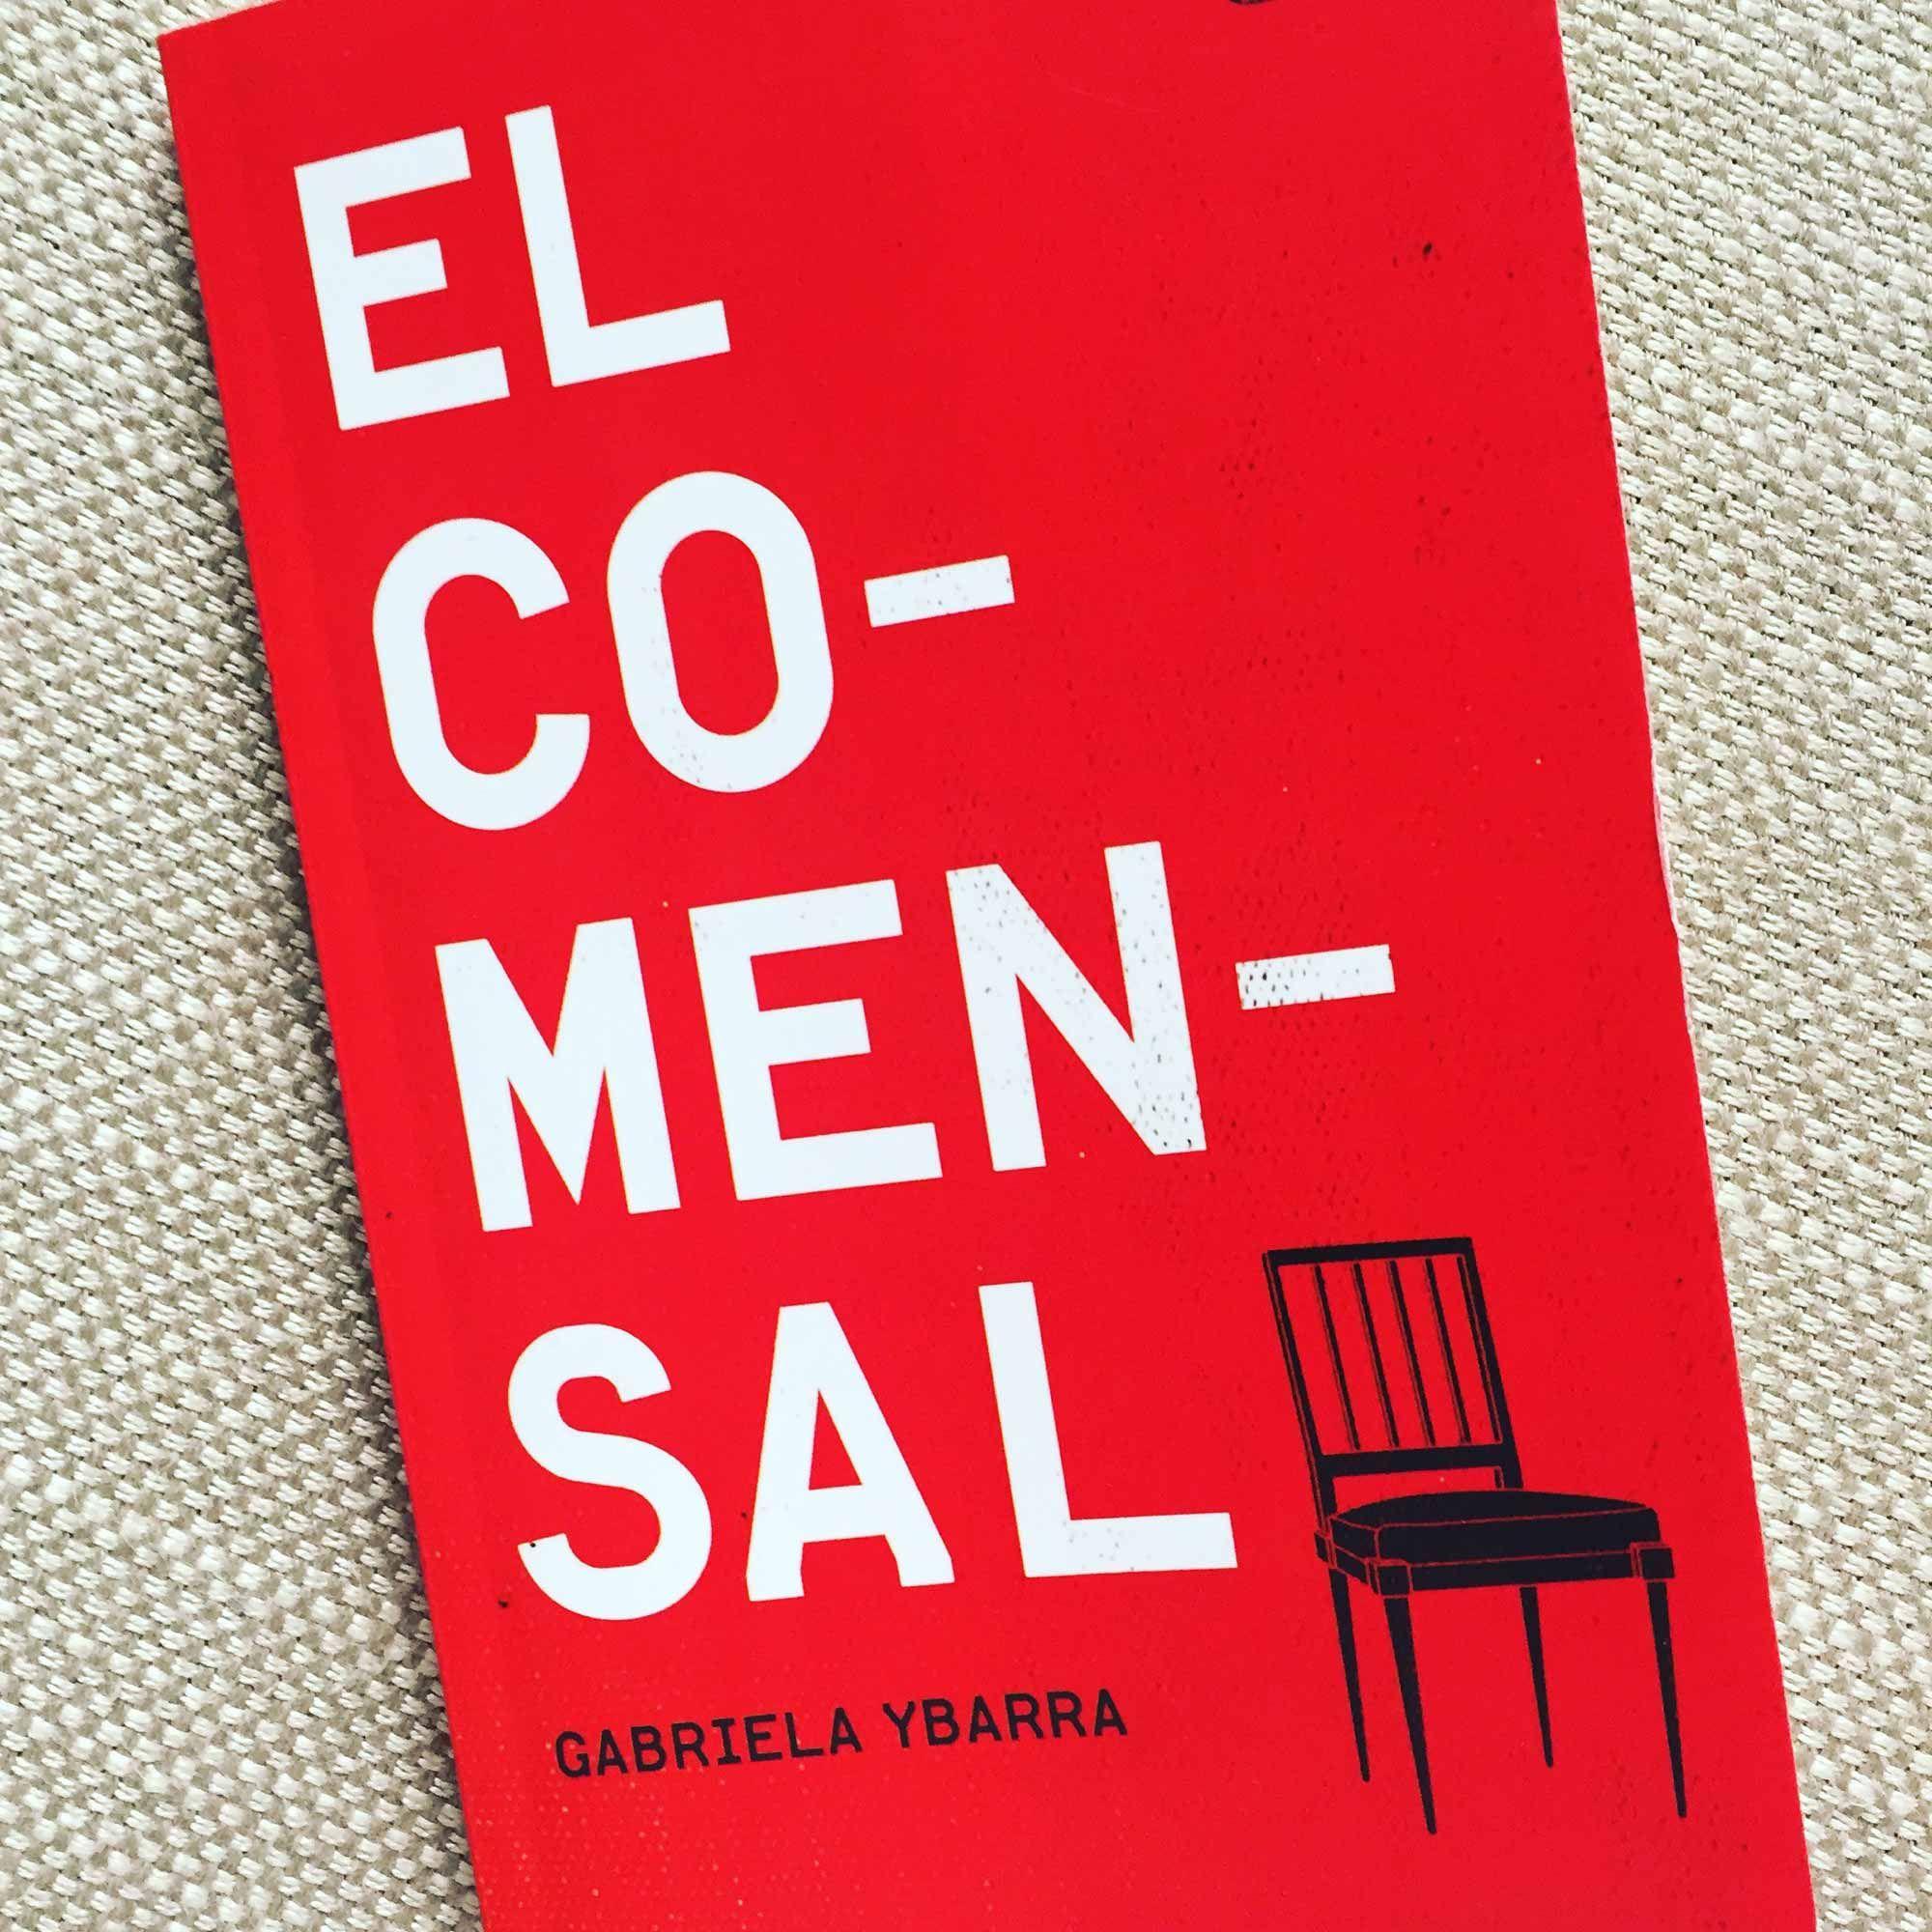 Un libro que recomiendo: 'El comensal' de Gabriela Ybarra